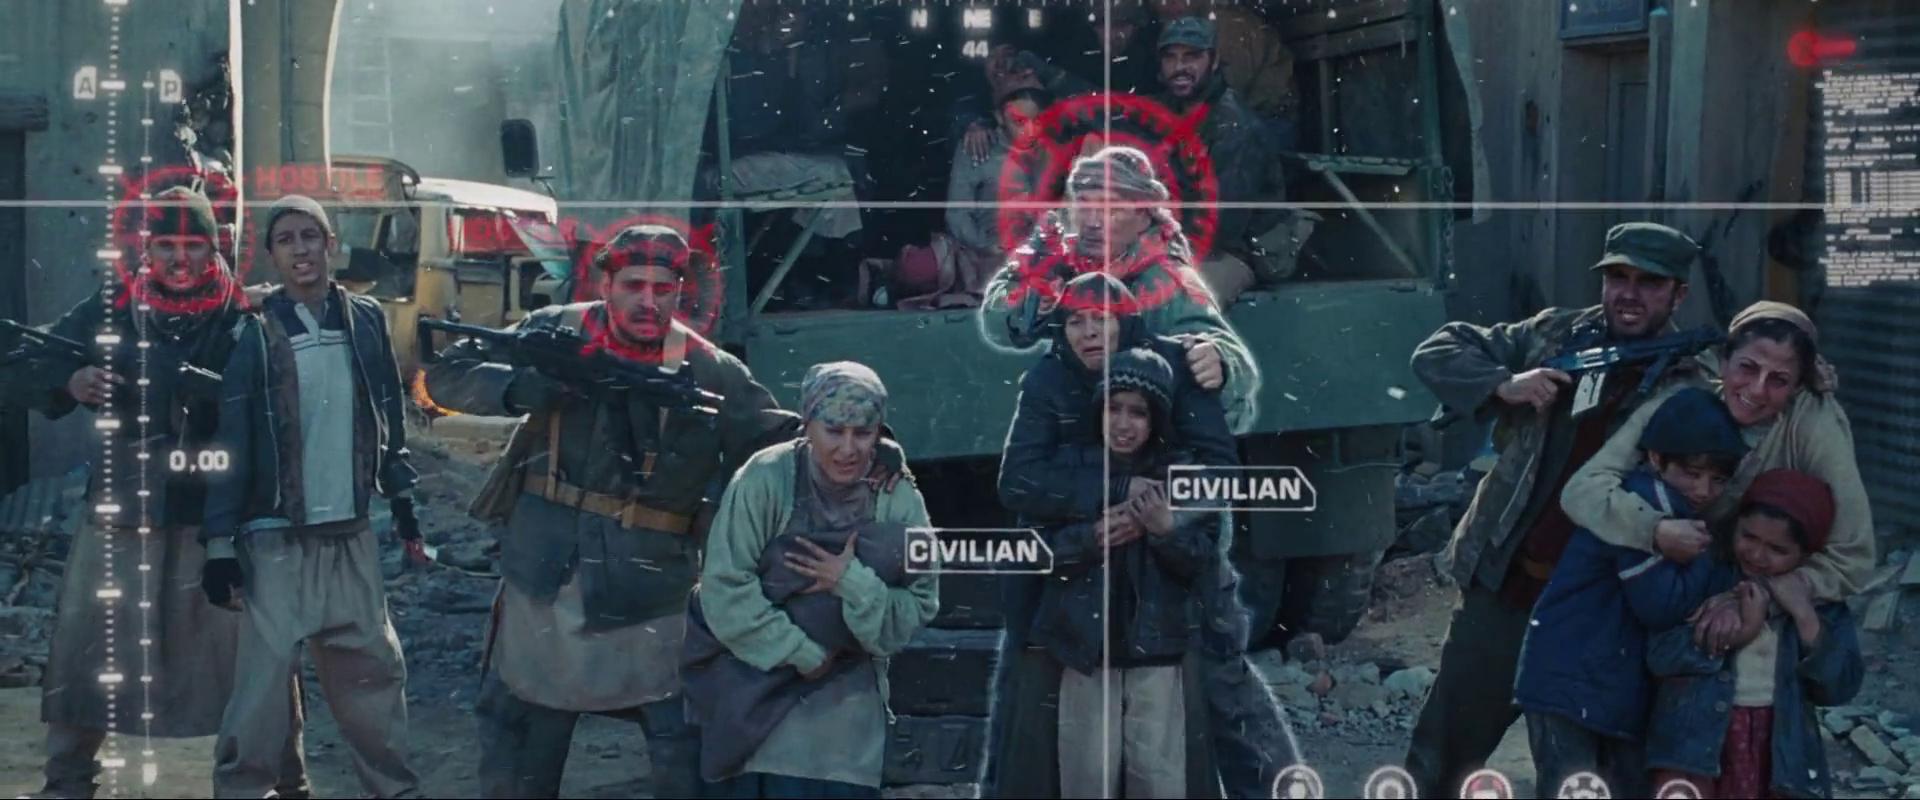 A terroristák és a civilek megkülönböztetésének ábrázolása az adatvizualizáció révén a <em>Vasember</em>ben